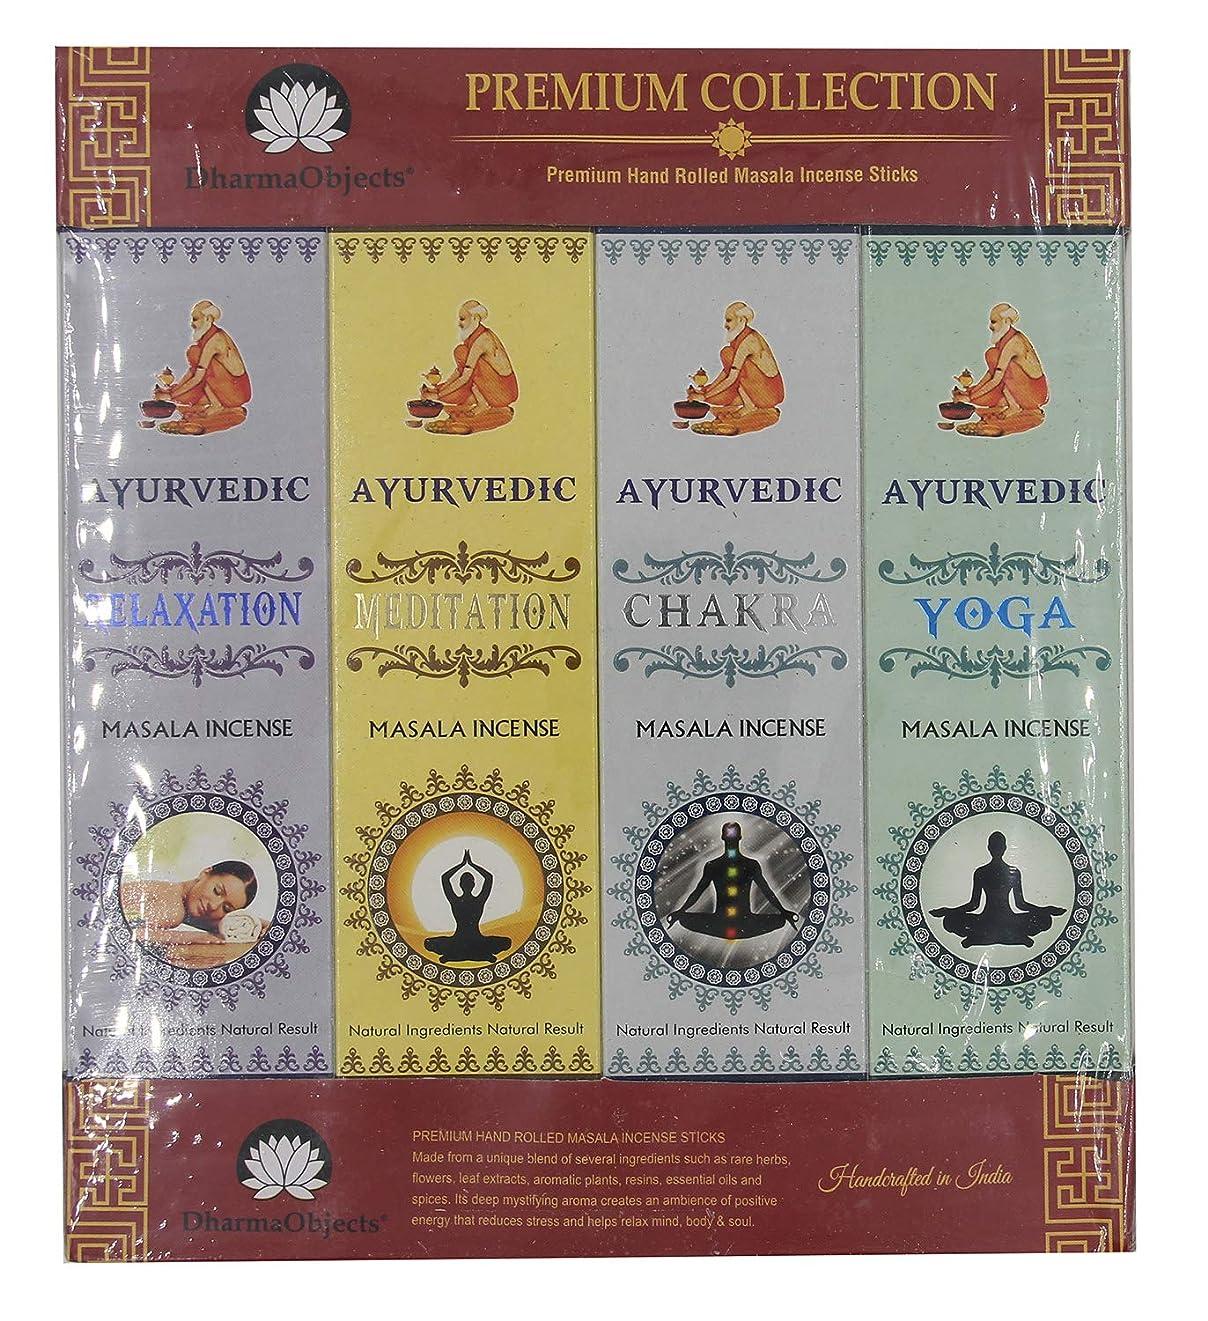 他の場所地震うがい(Multi) - Gift Set of 12 Ayurvedic Nag Champa Kasturi Chandan Patchouli Agarwood Meditation Rose Stress Relief Saffron Yoga Chakra and Relaxation Masala Incense